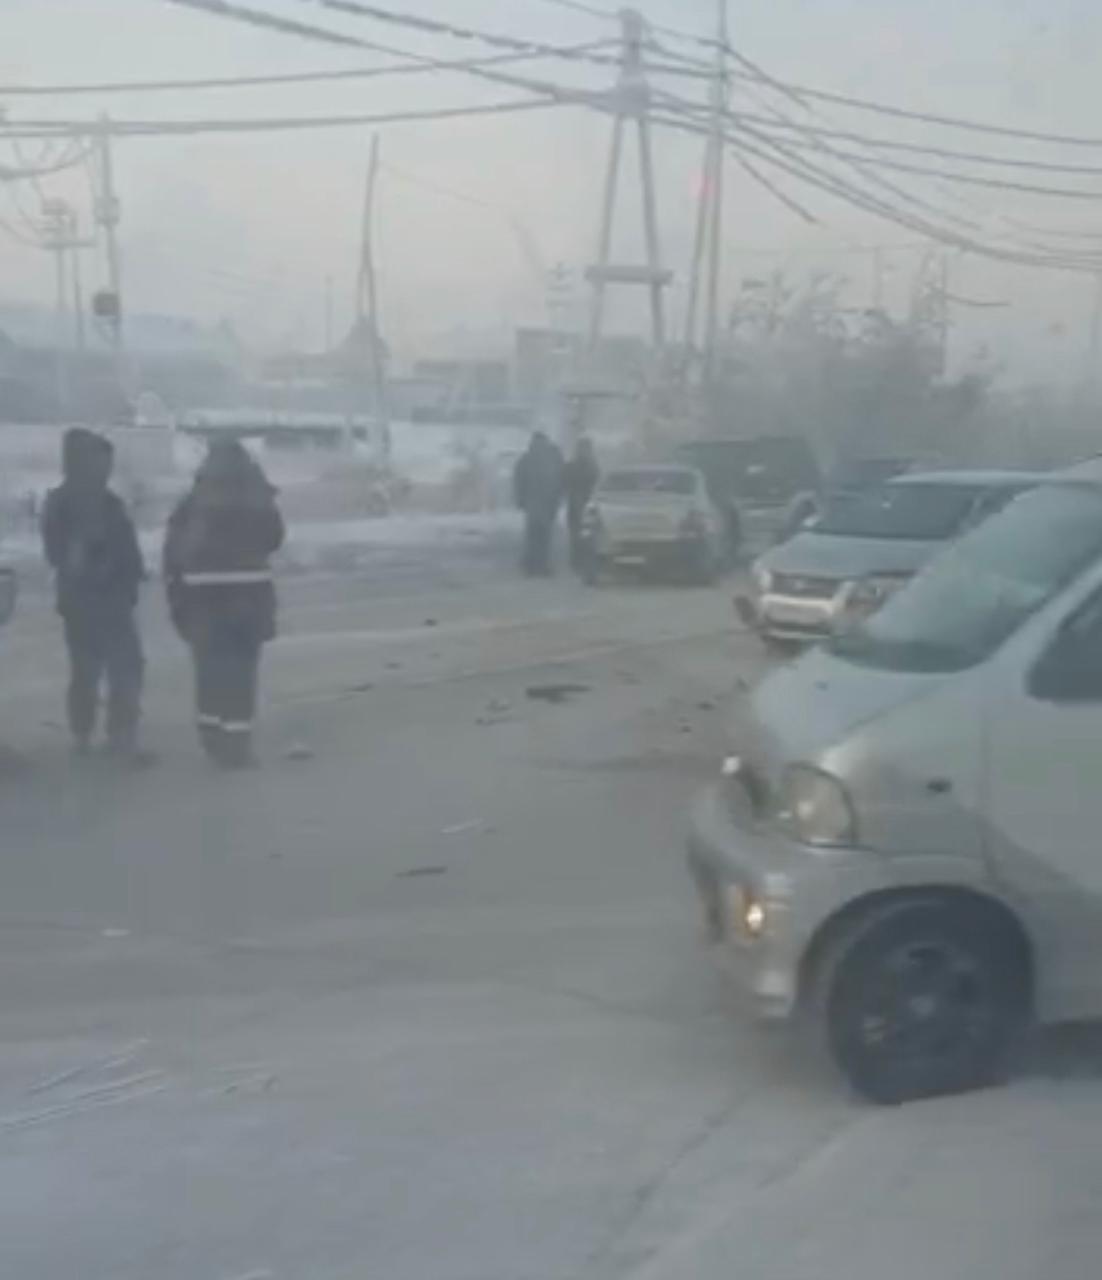 ВИДЕОФАКТ: В Якутске столкнулись семь машин